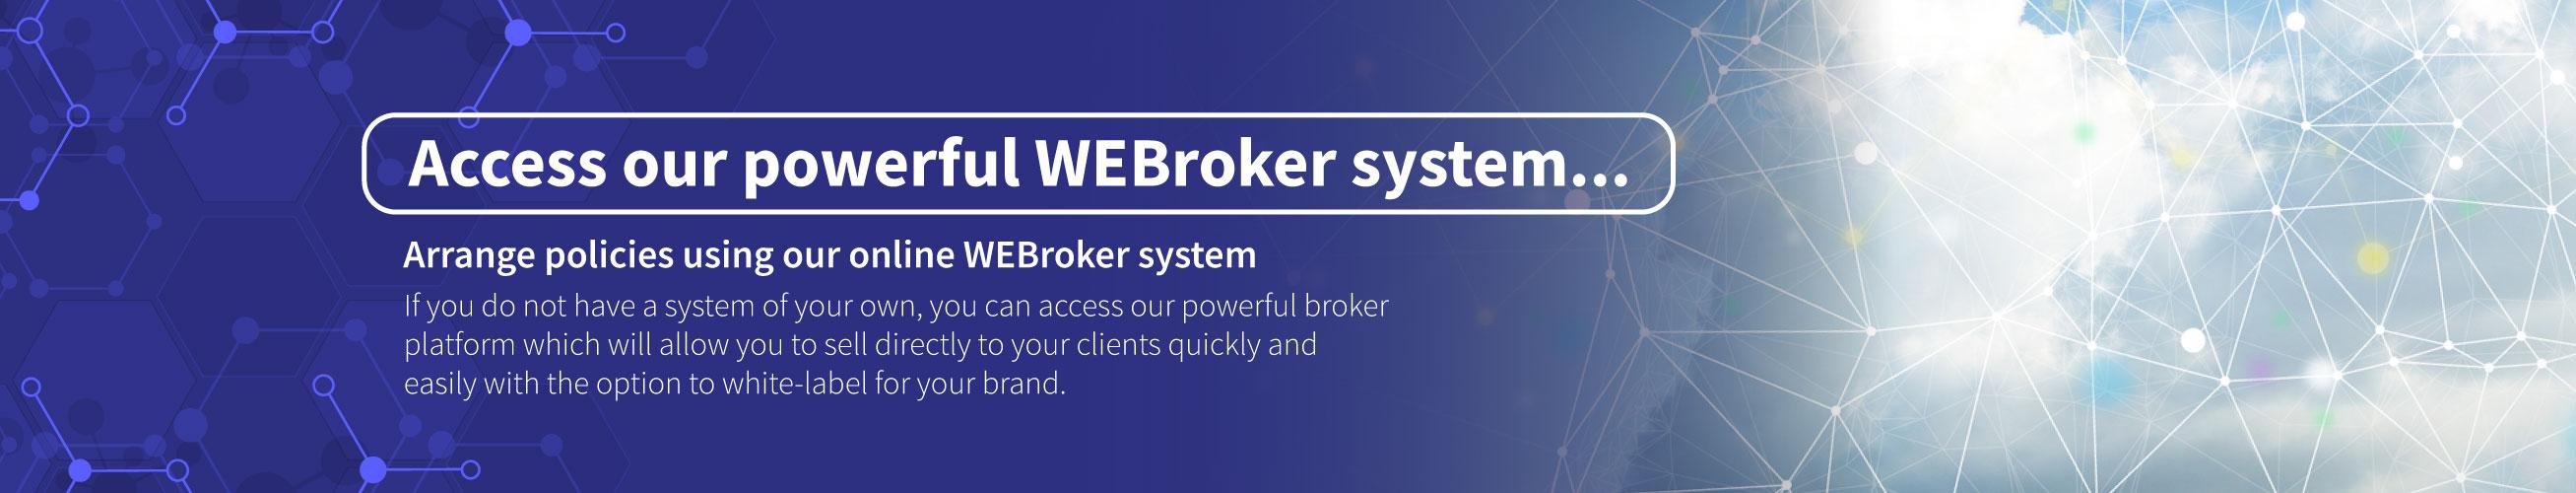 Voyager-WEBroker-Corporate-Banner-V3